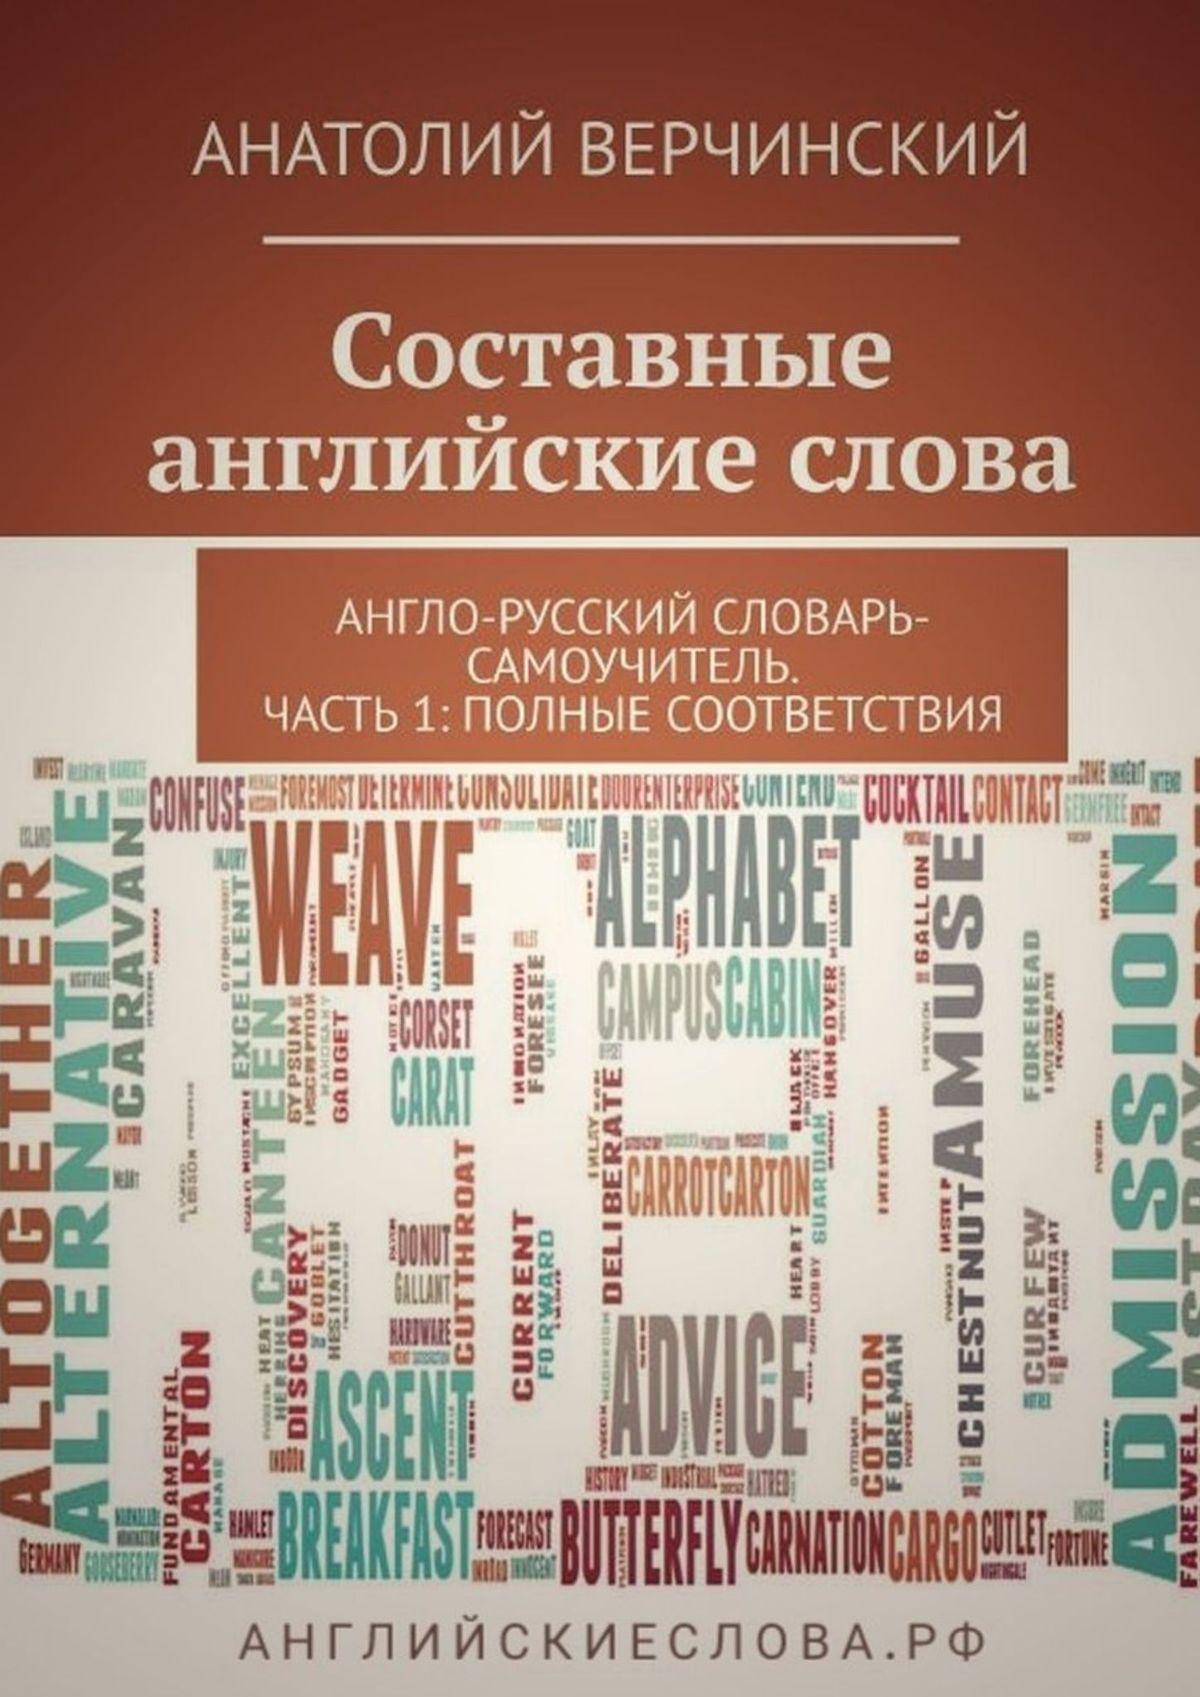 Анатолий Верчинский Составные английские слова анатолий верчинский моя война с